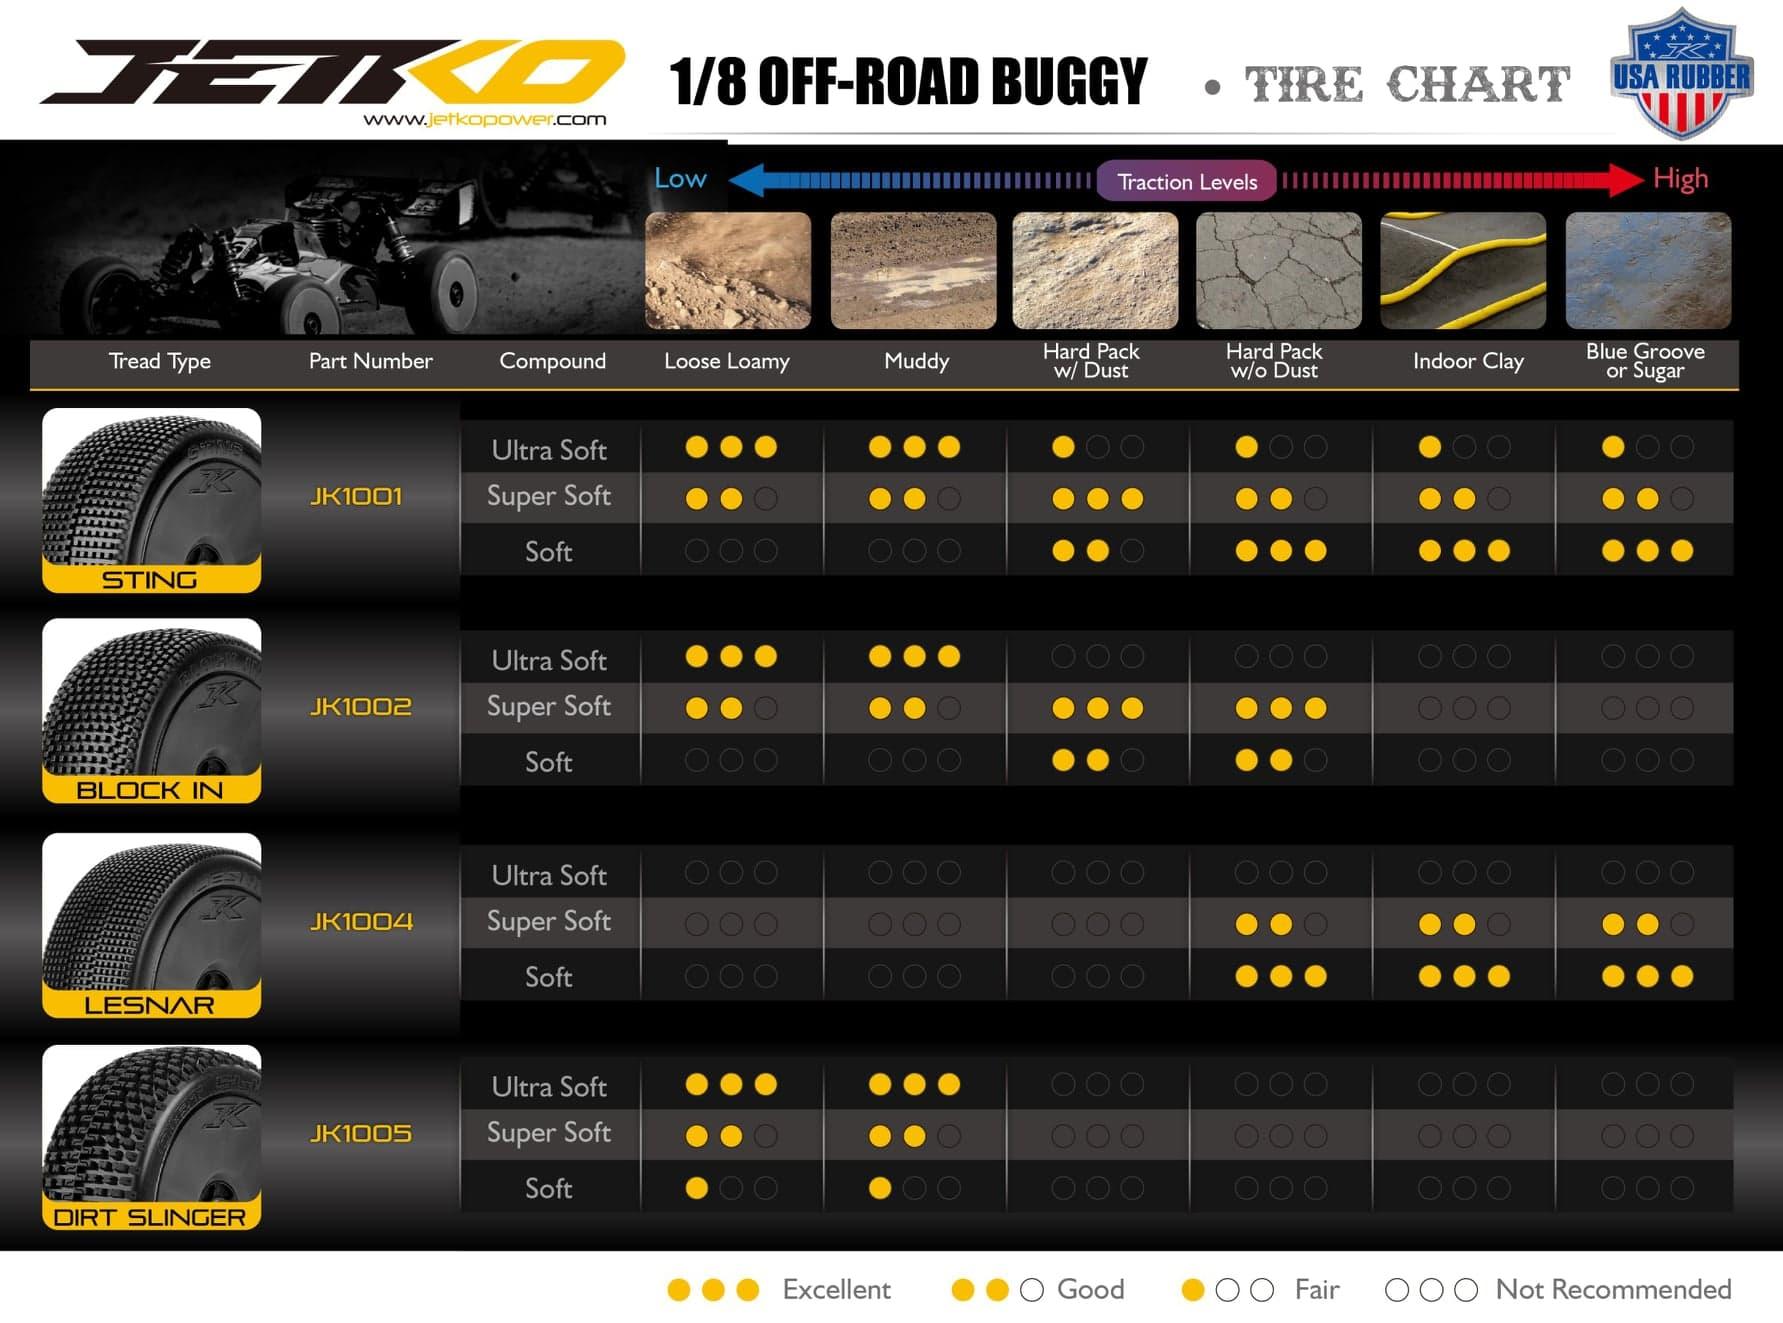 Aka Tire Chart